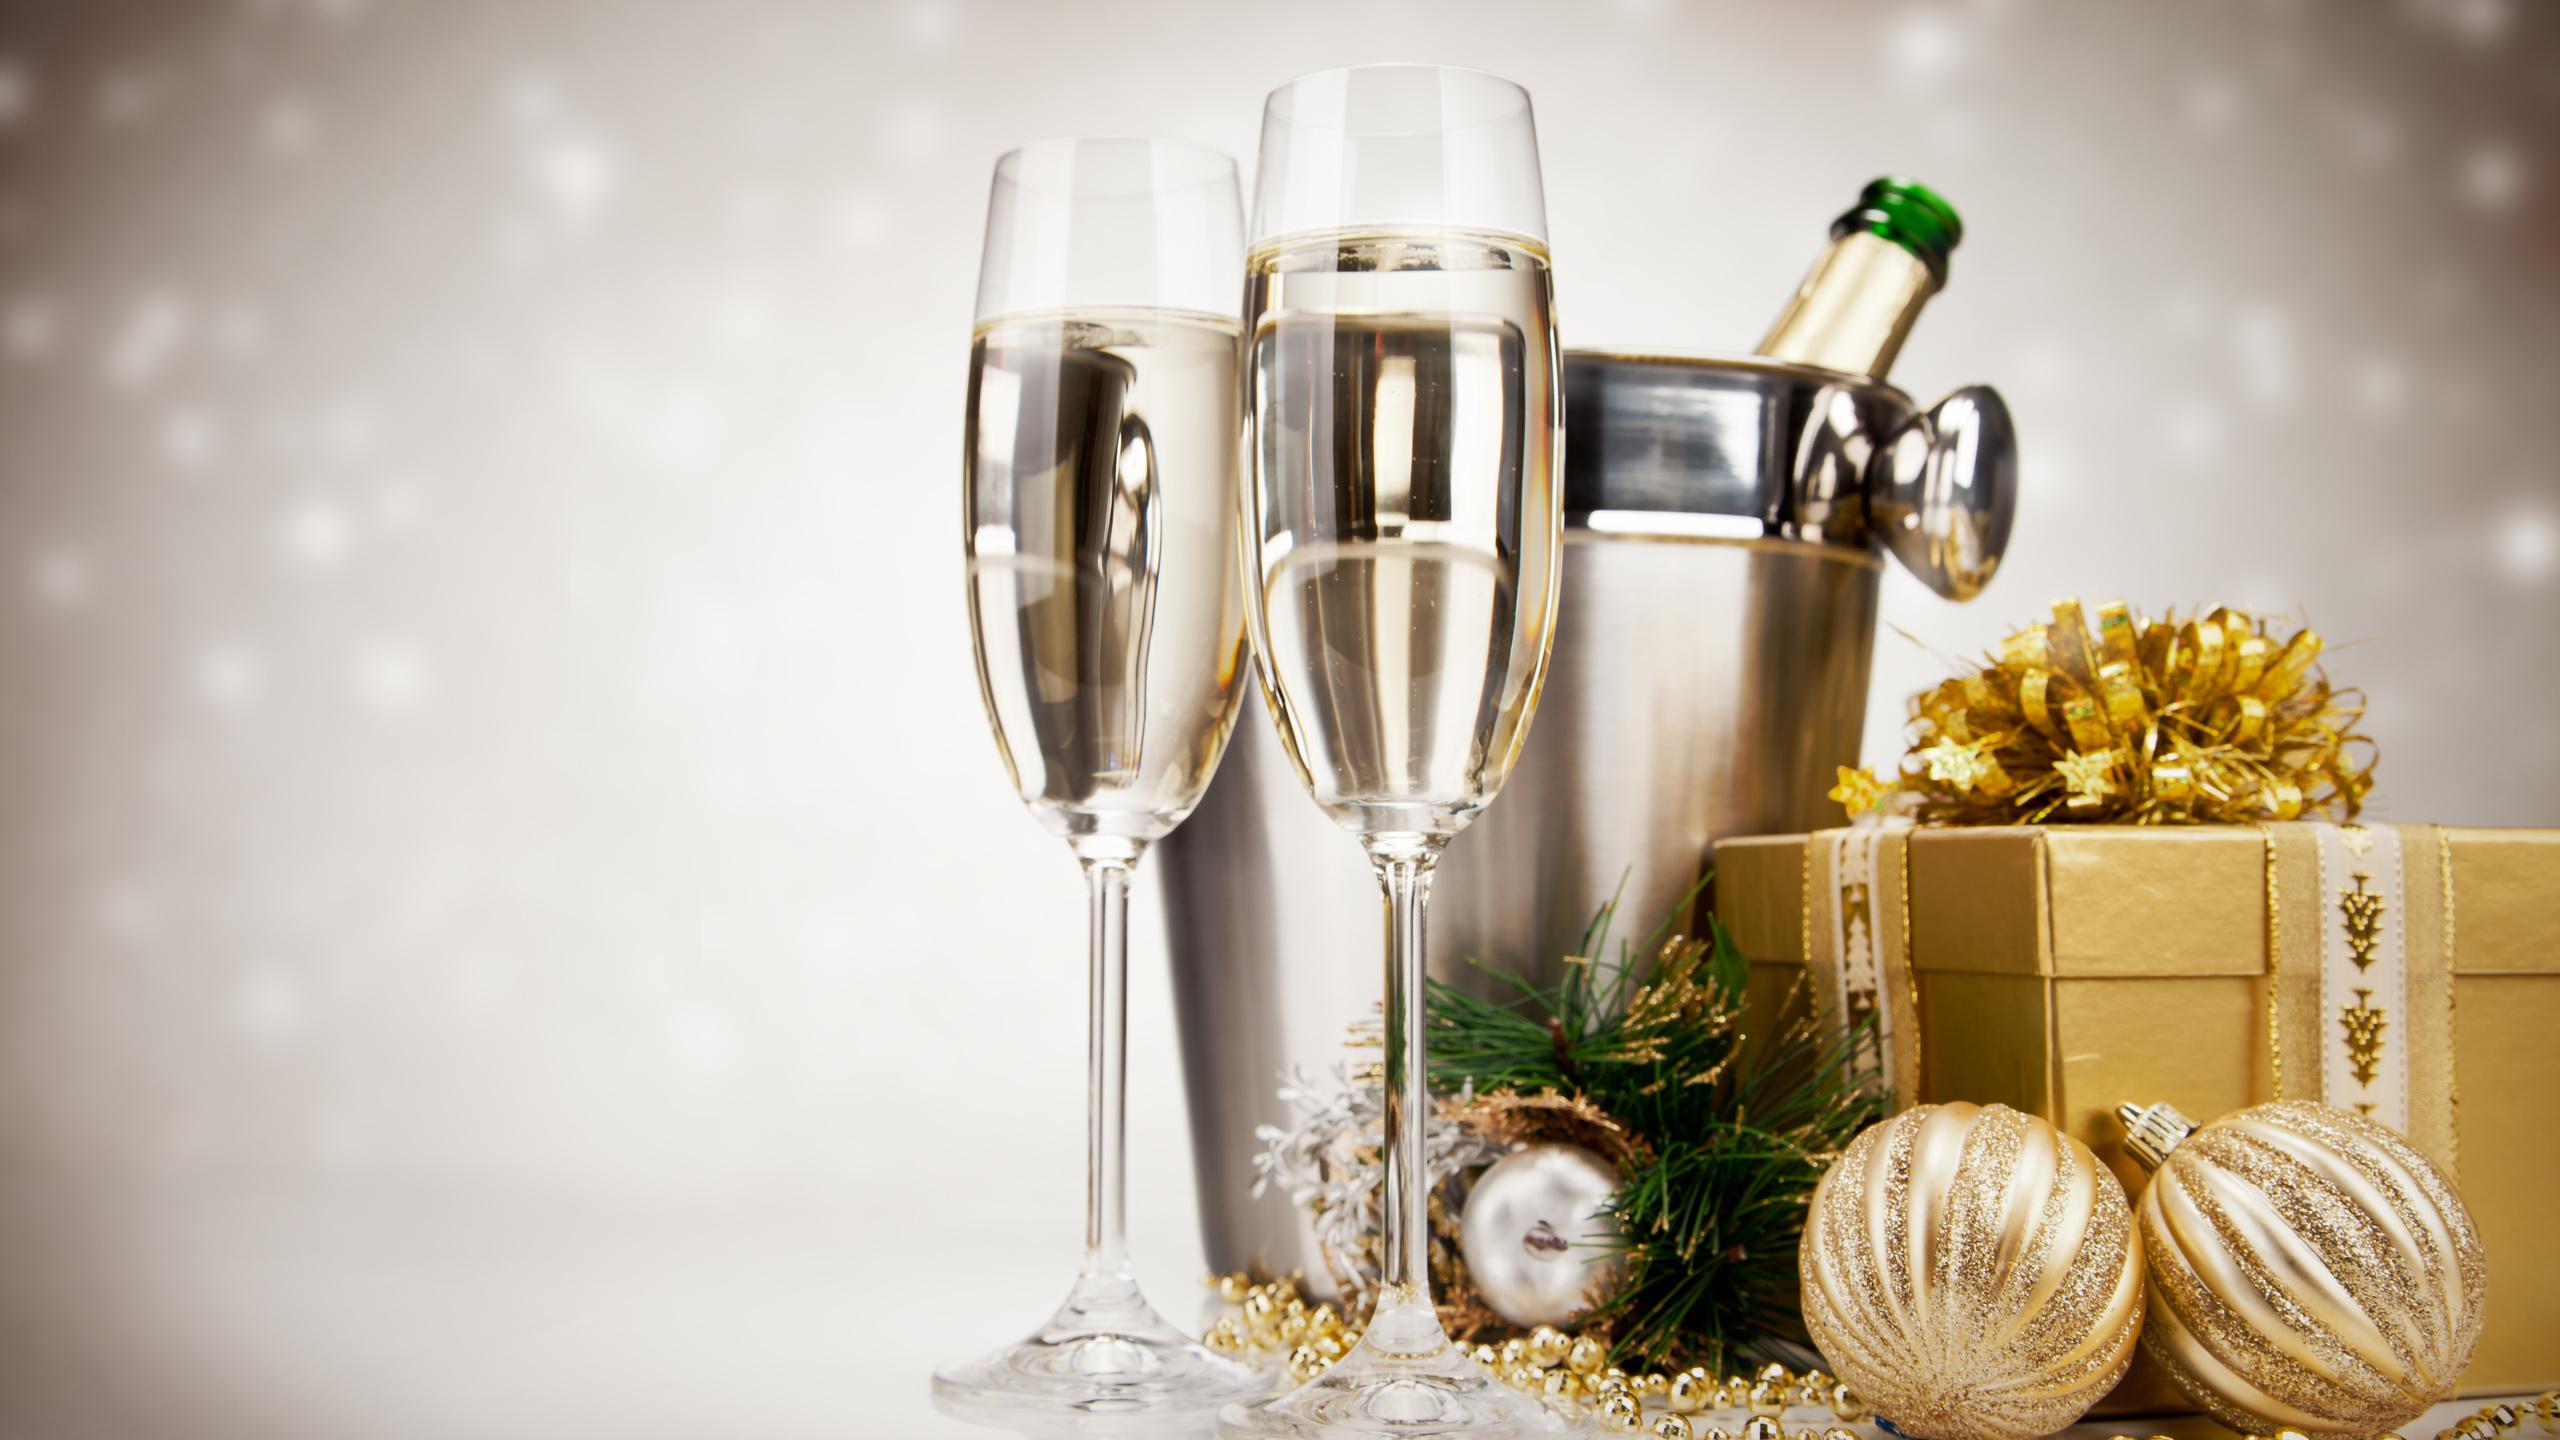 картинки с подарками и шампанским озера каташи небольшой